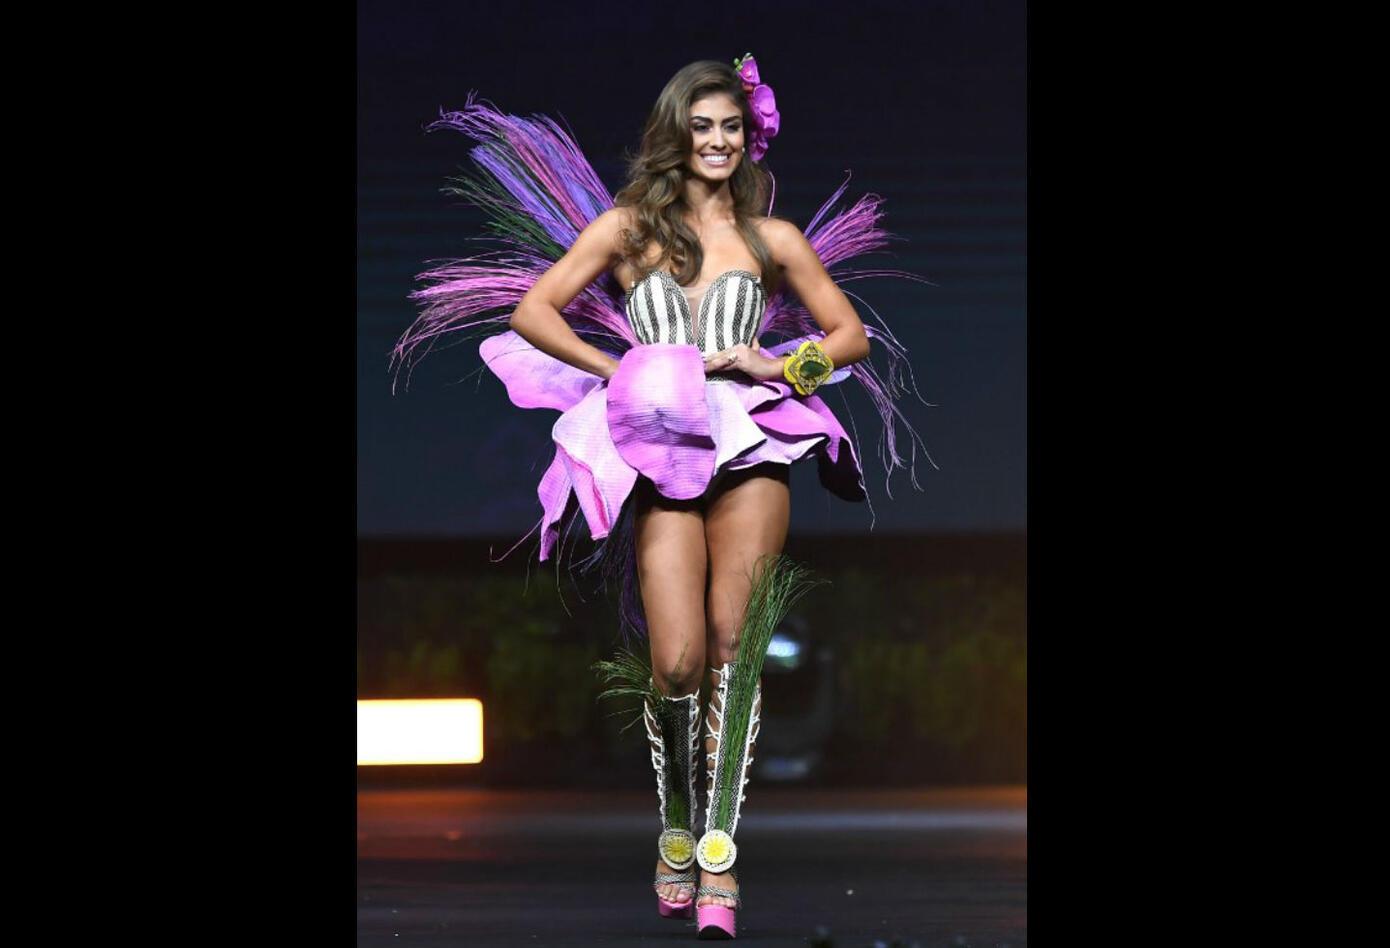 El diseño del traje de Valeria Morales, Miss Colombia 2018, es inspirado en la orquídea.